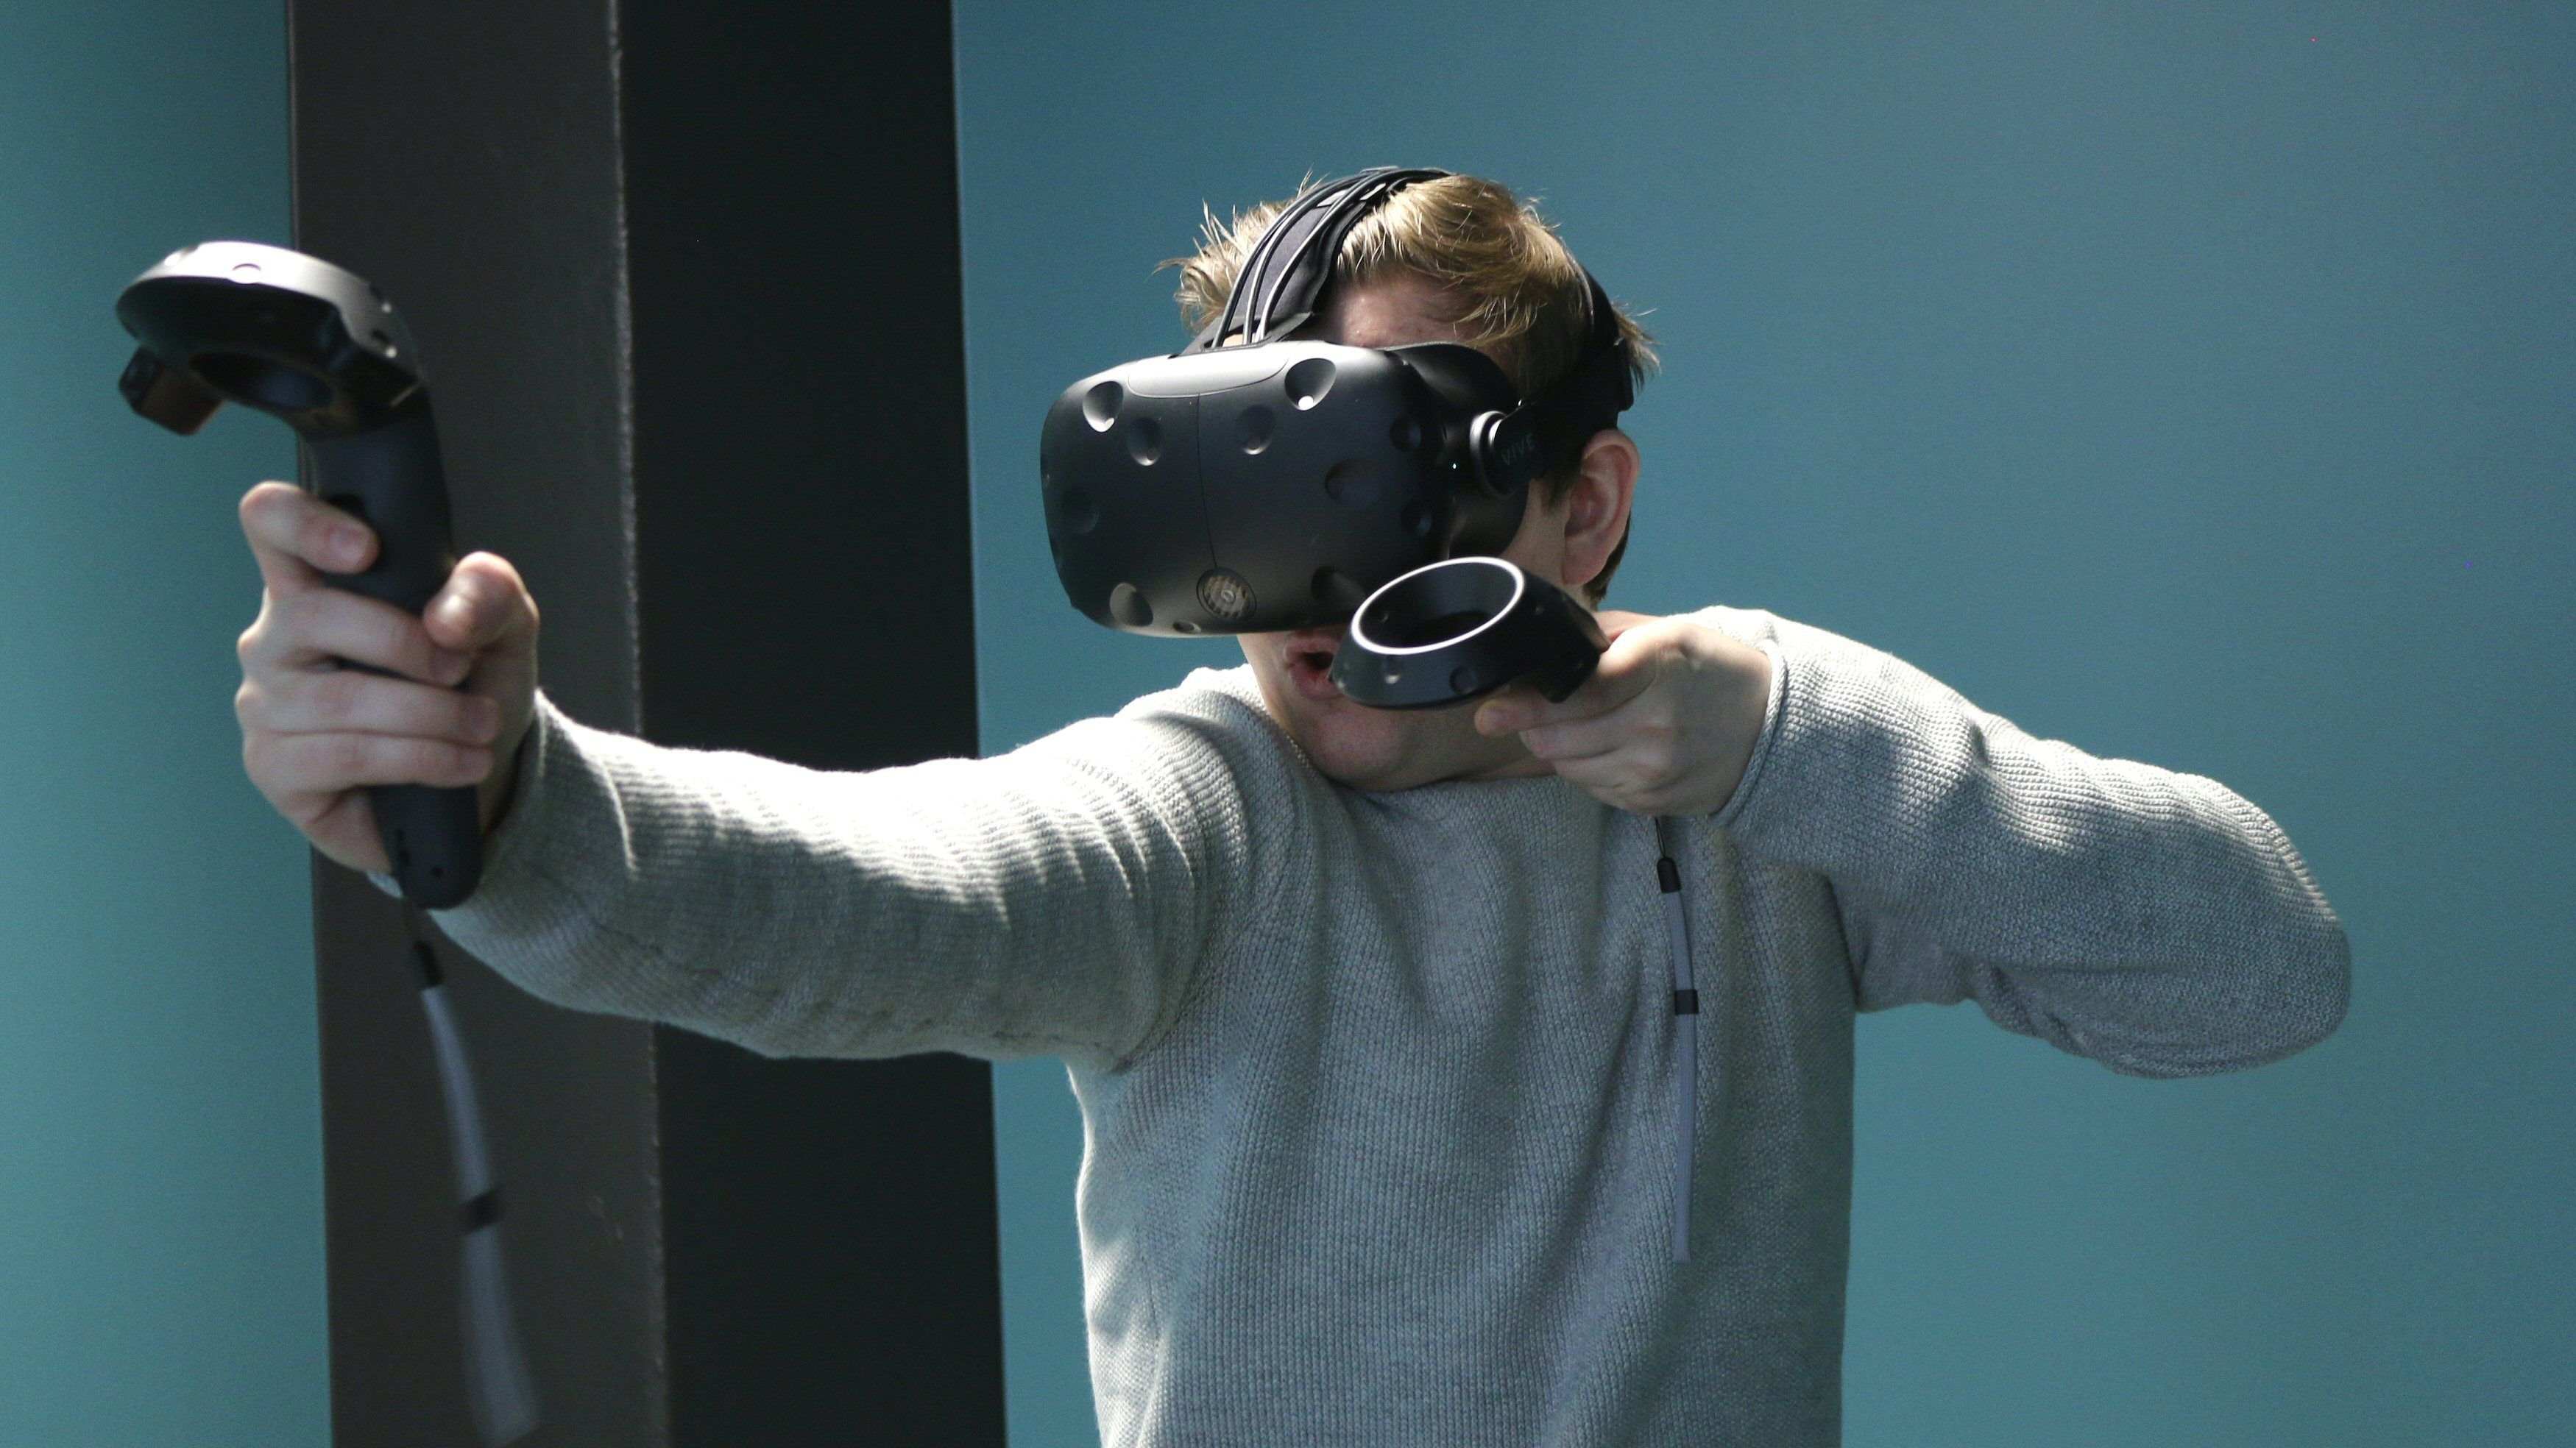 HTC Vive-brukere får nye muligheter når det gjelder innholdstilgang via ny abonnementstjeneste.